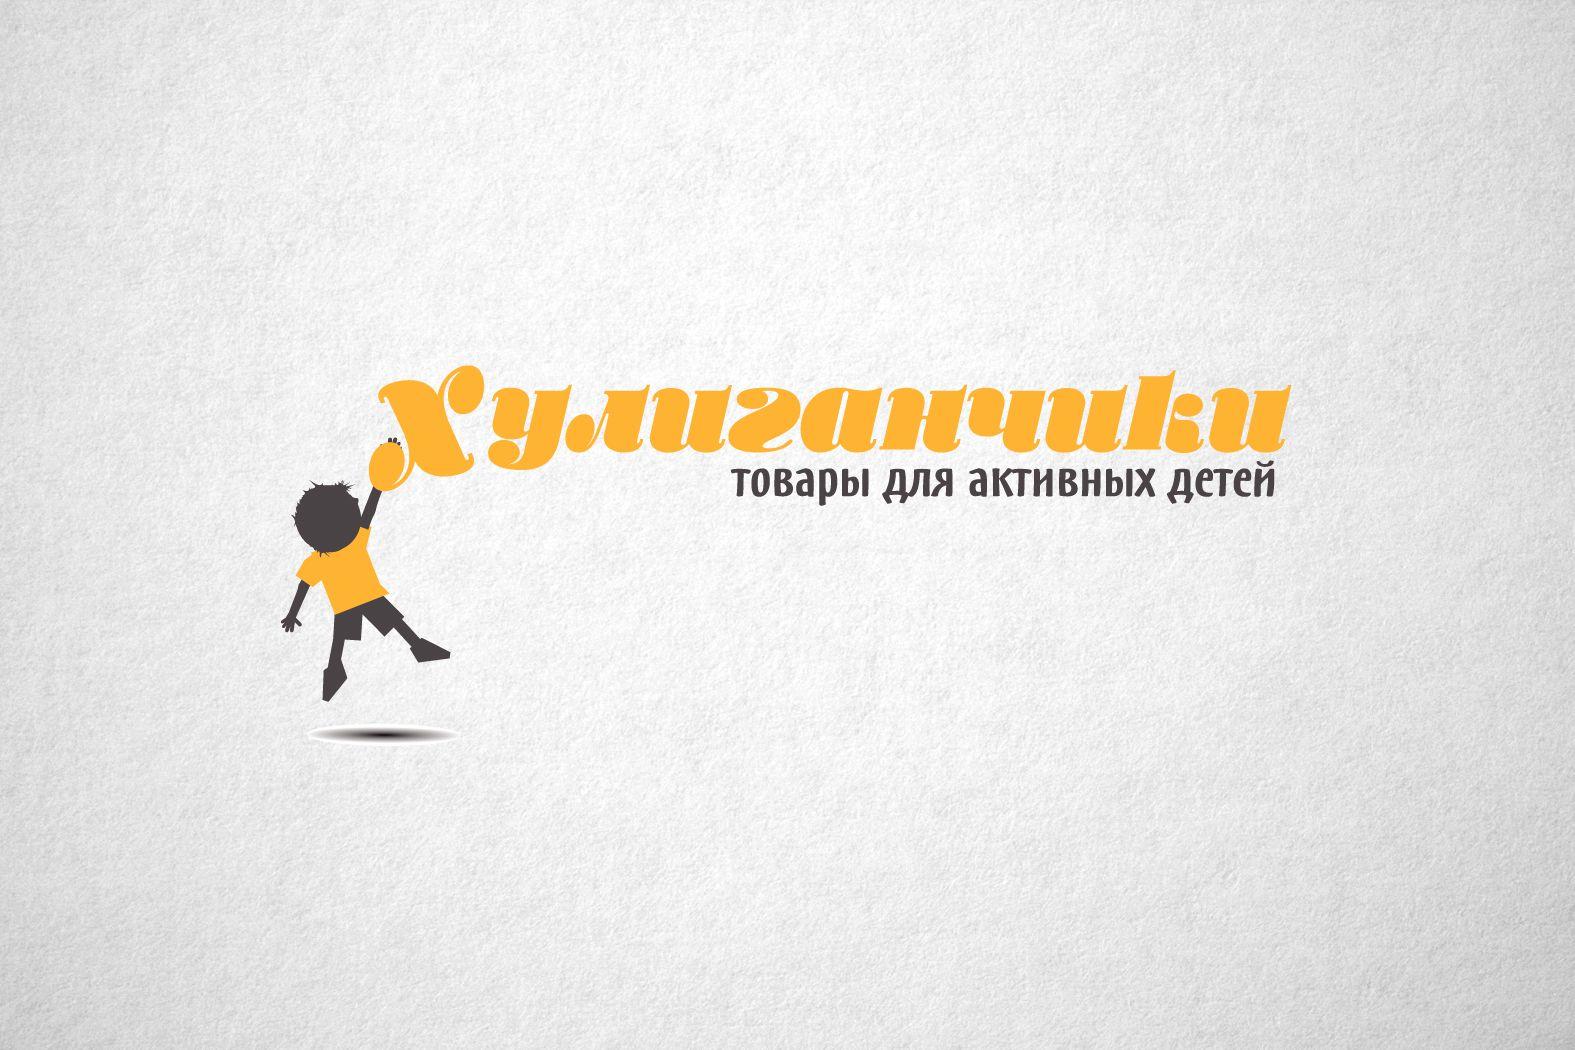 Логотип и фирменный стиль для интернет-магазина - дизайнер funkielevis